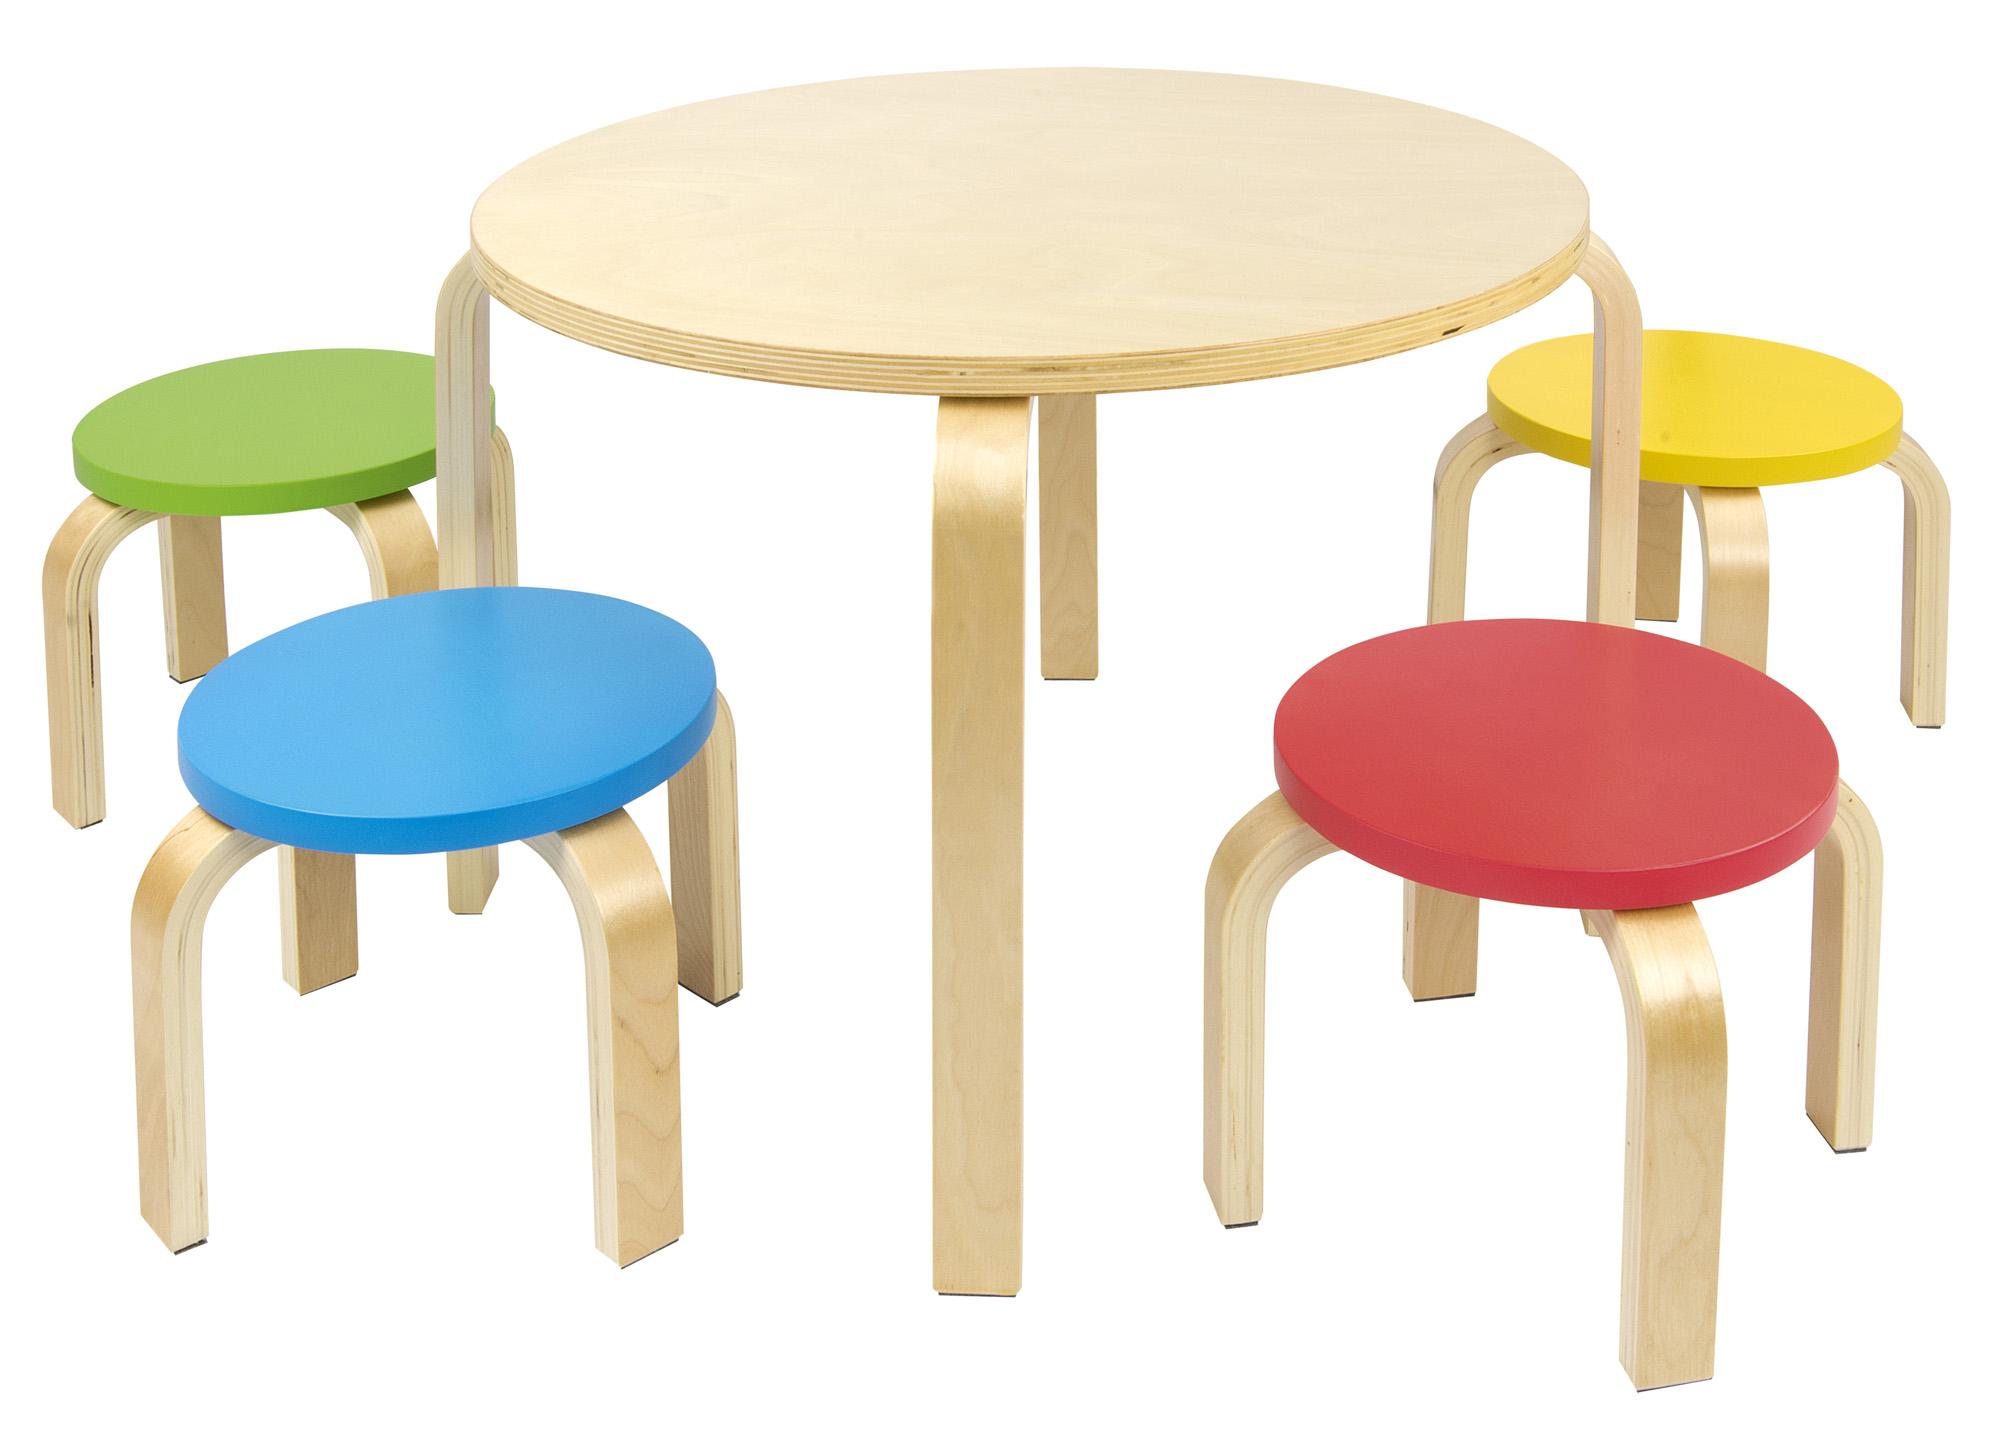 table et 4 chaises enfant meuble enfant mobilier chaise d 39 enfant baby leomark fr. Black Bedroom Furniture Sets. Home Design Ideas